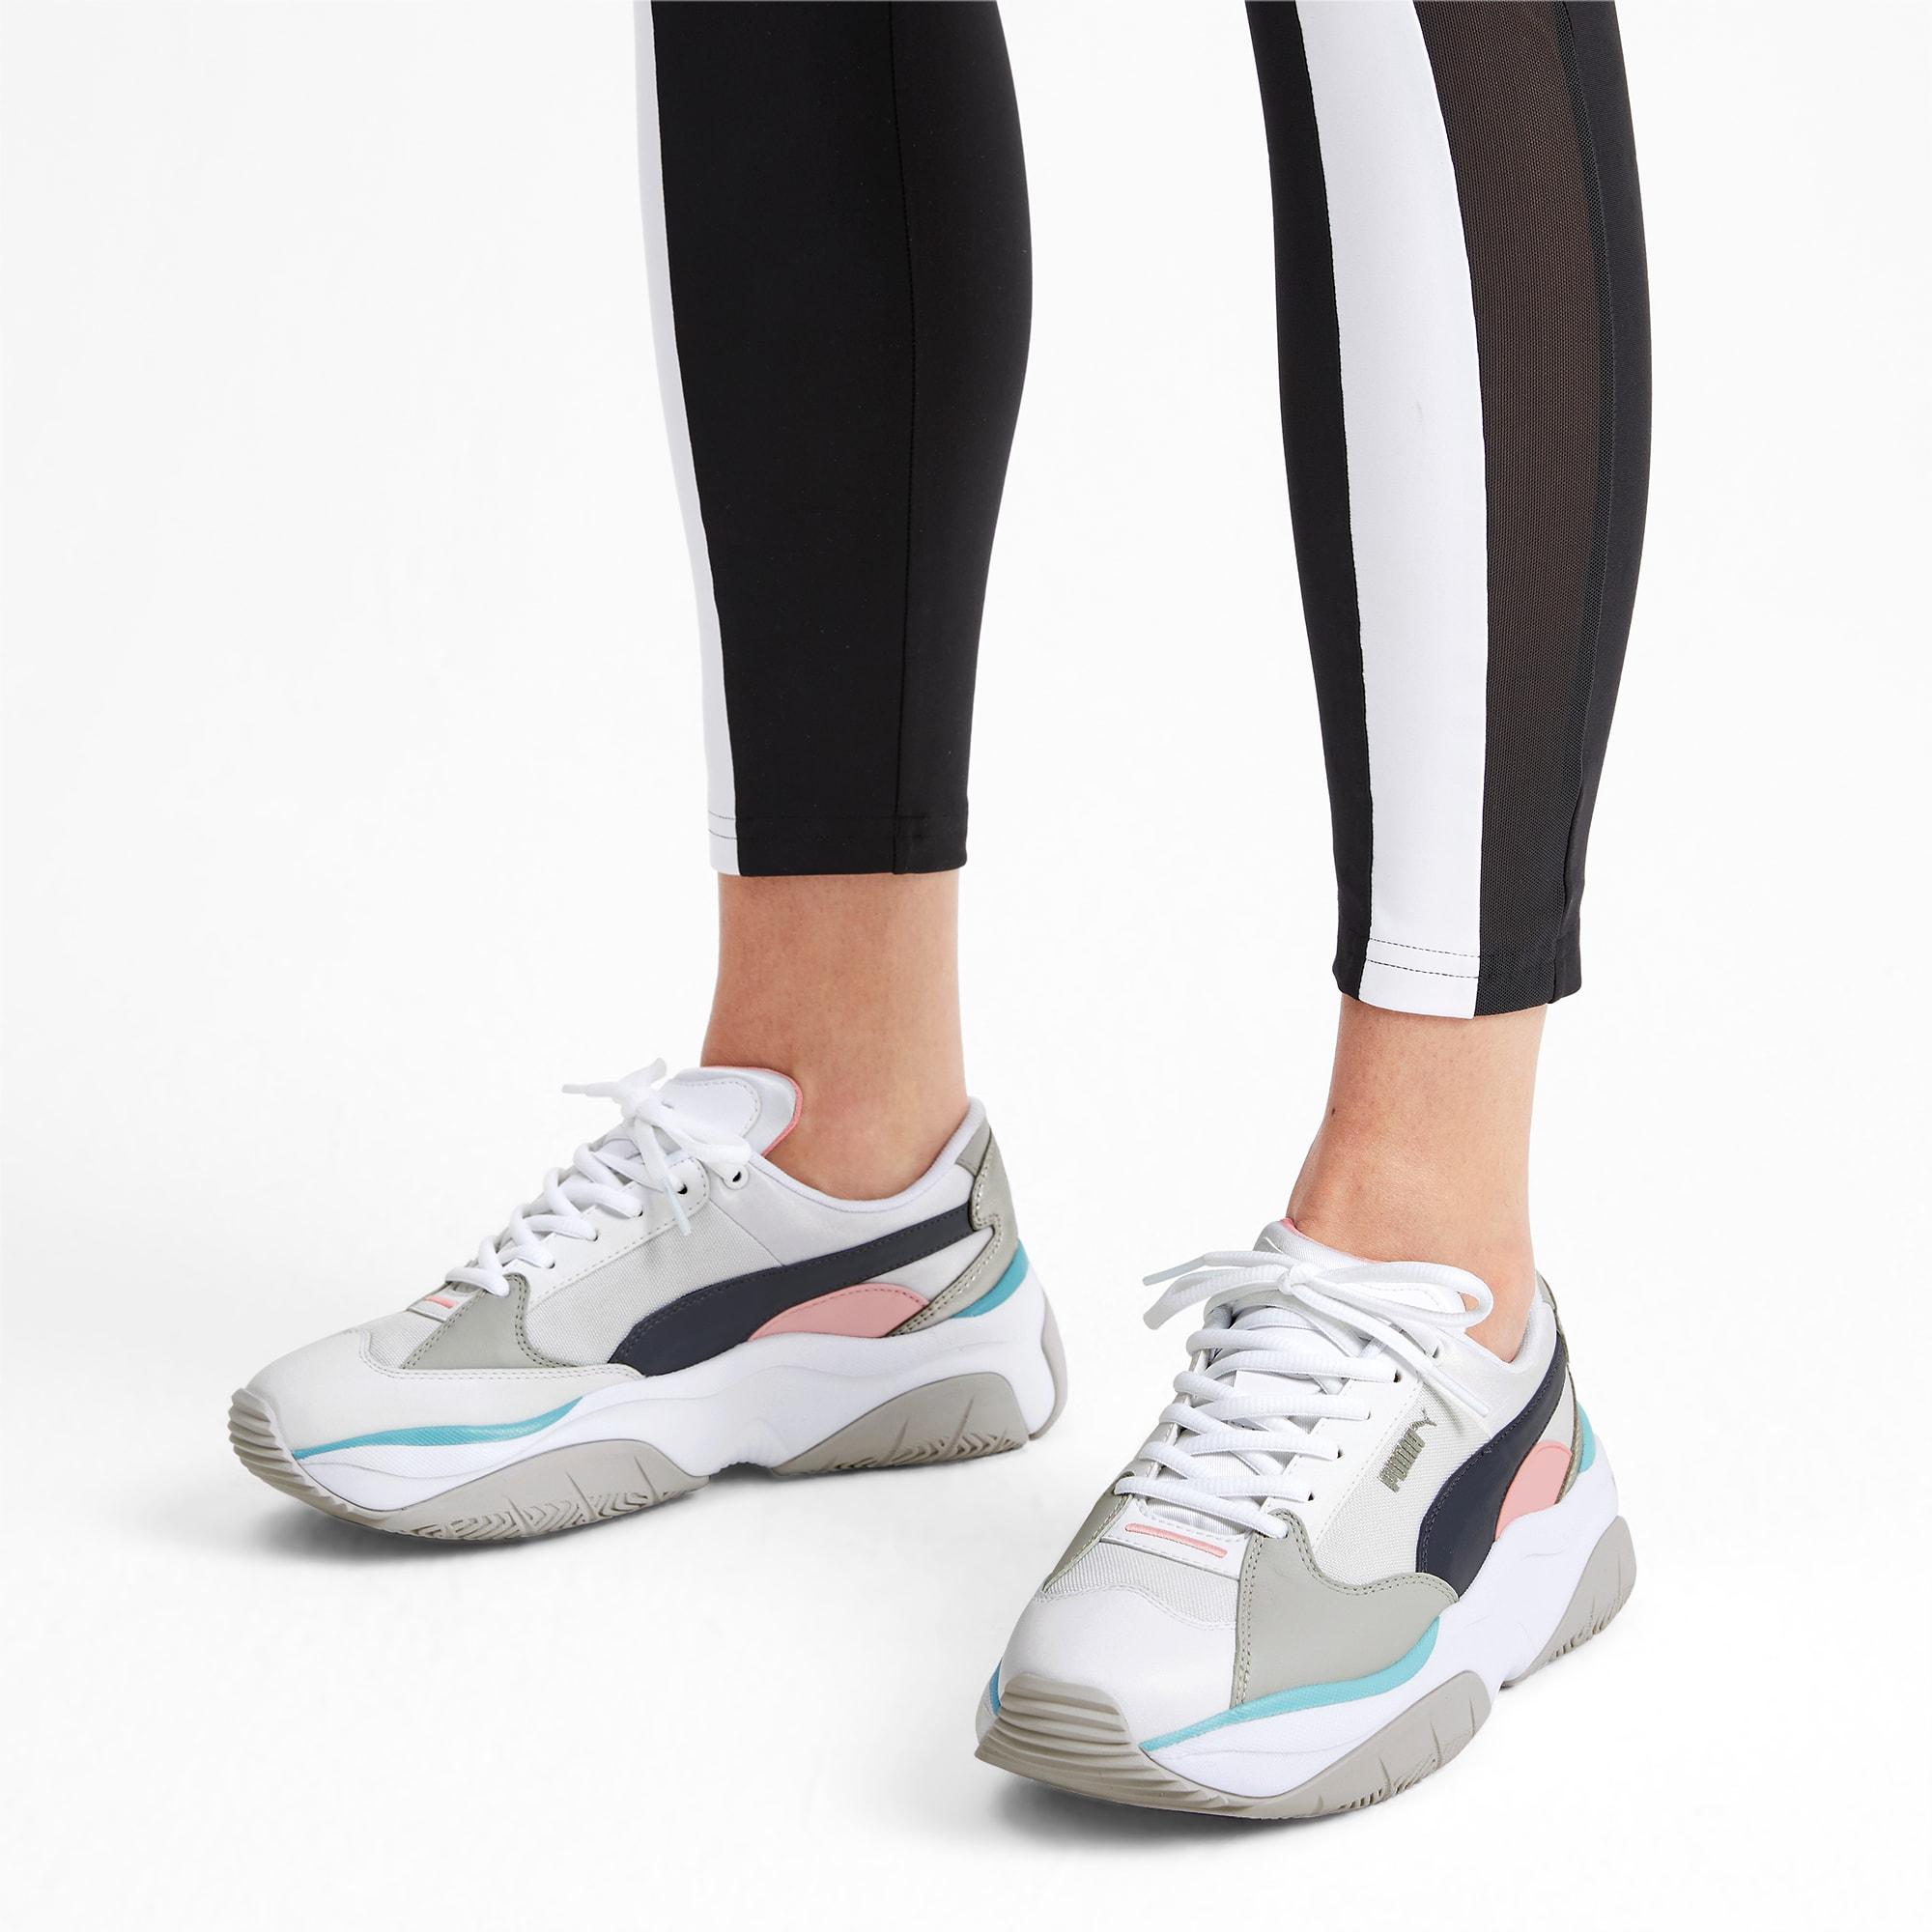 Damskie obuwie sportowe STORM Metallic | PUMA Storm